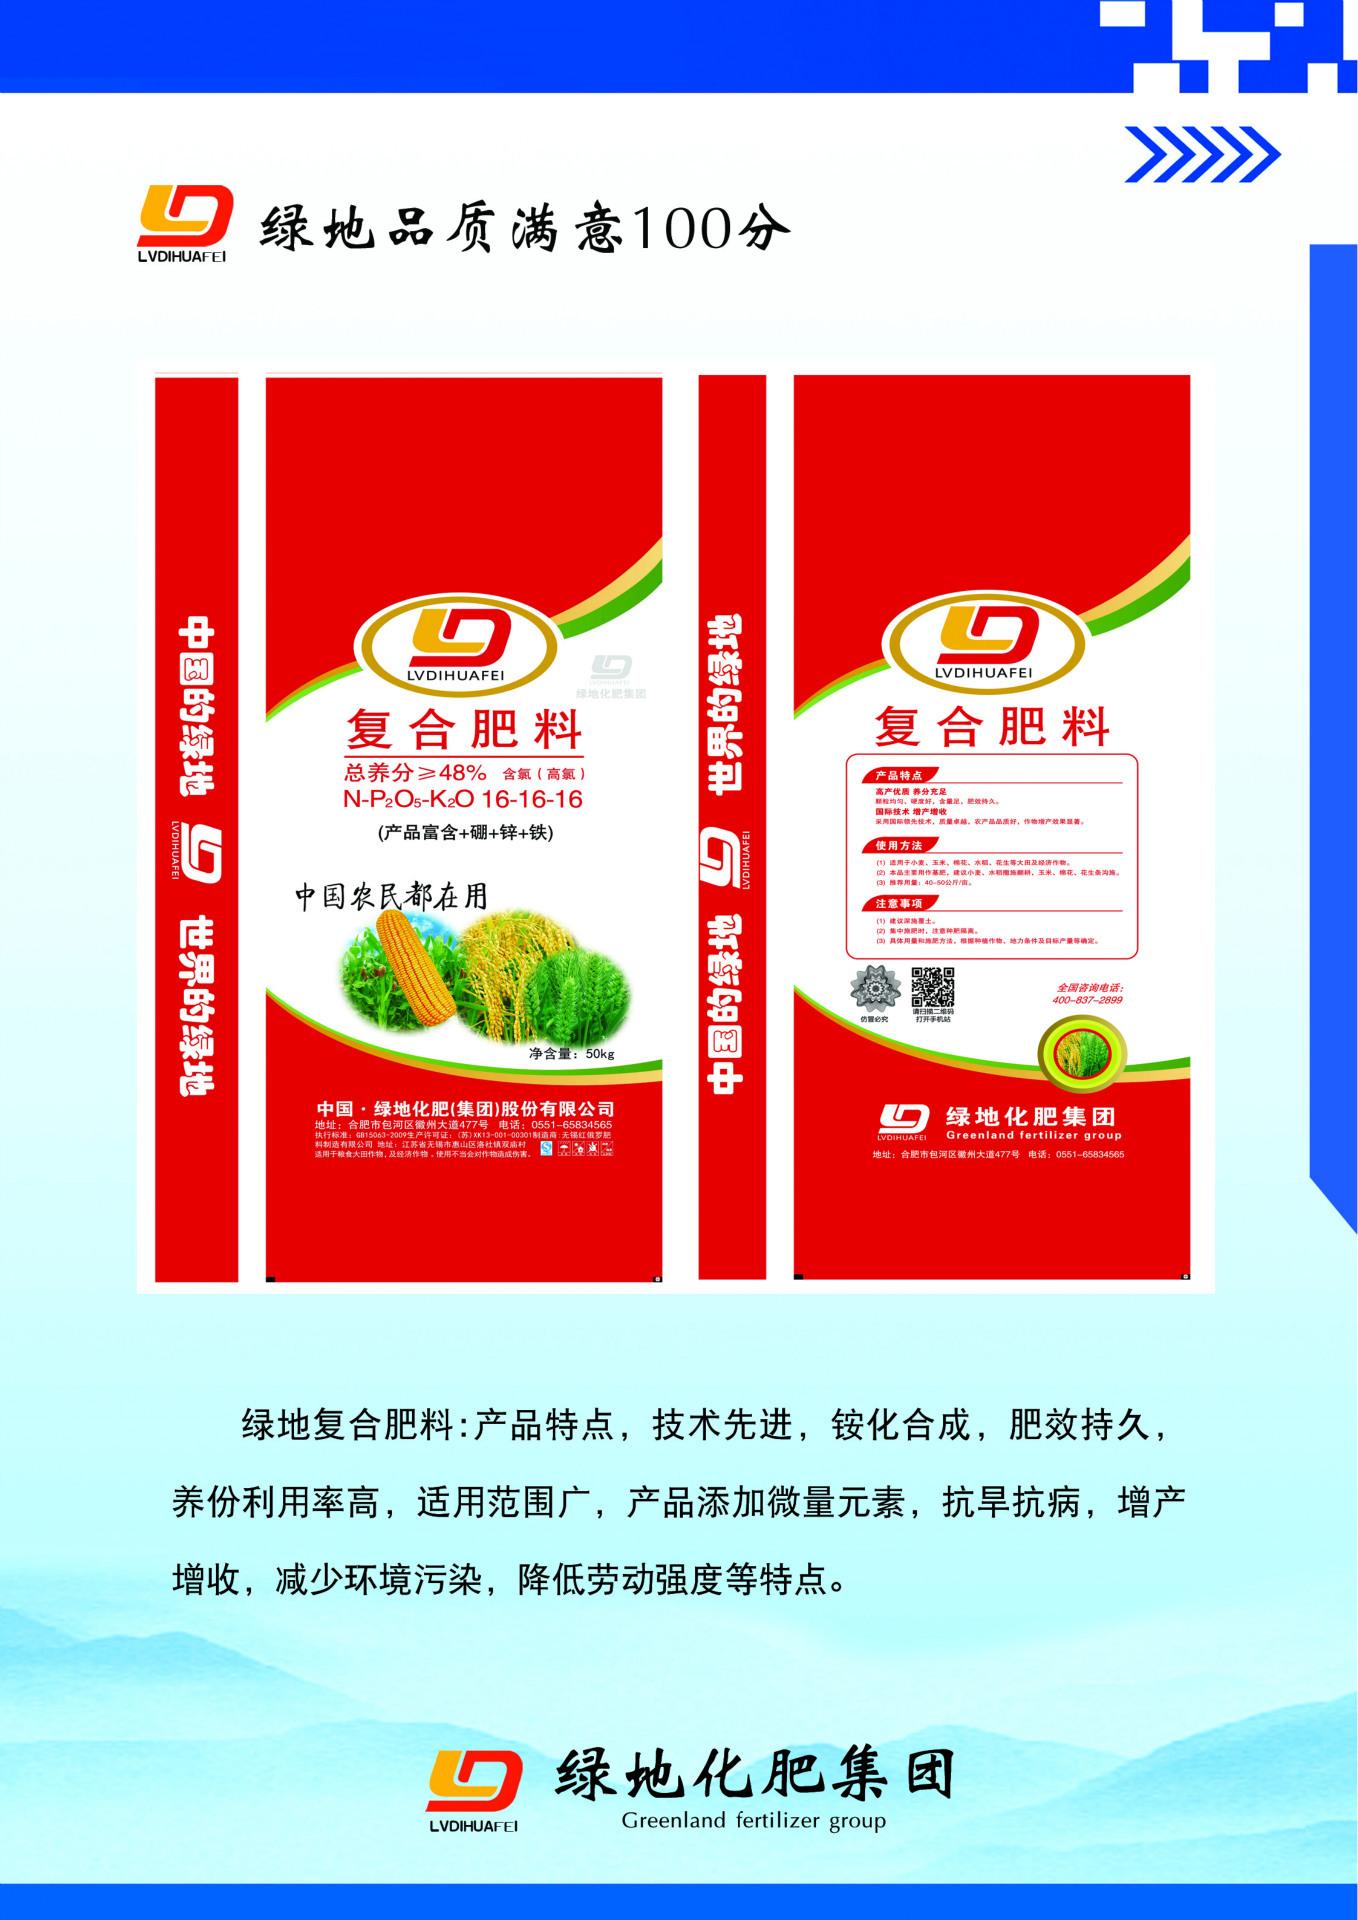 【绿地化肥】大田专用肥料微量元素 复合肥厂家